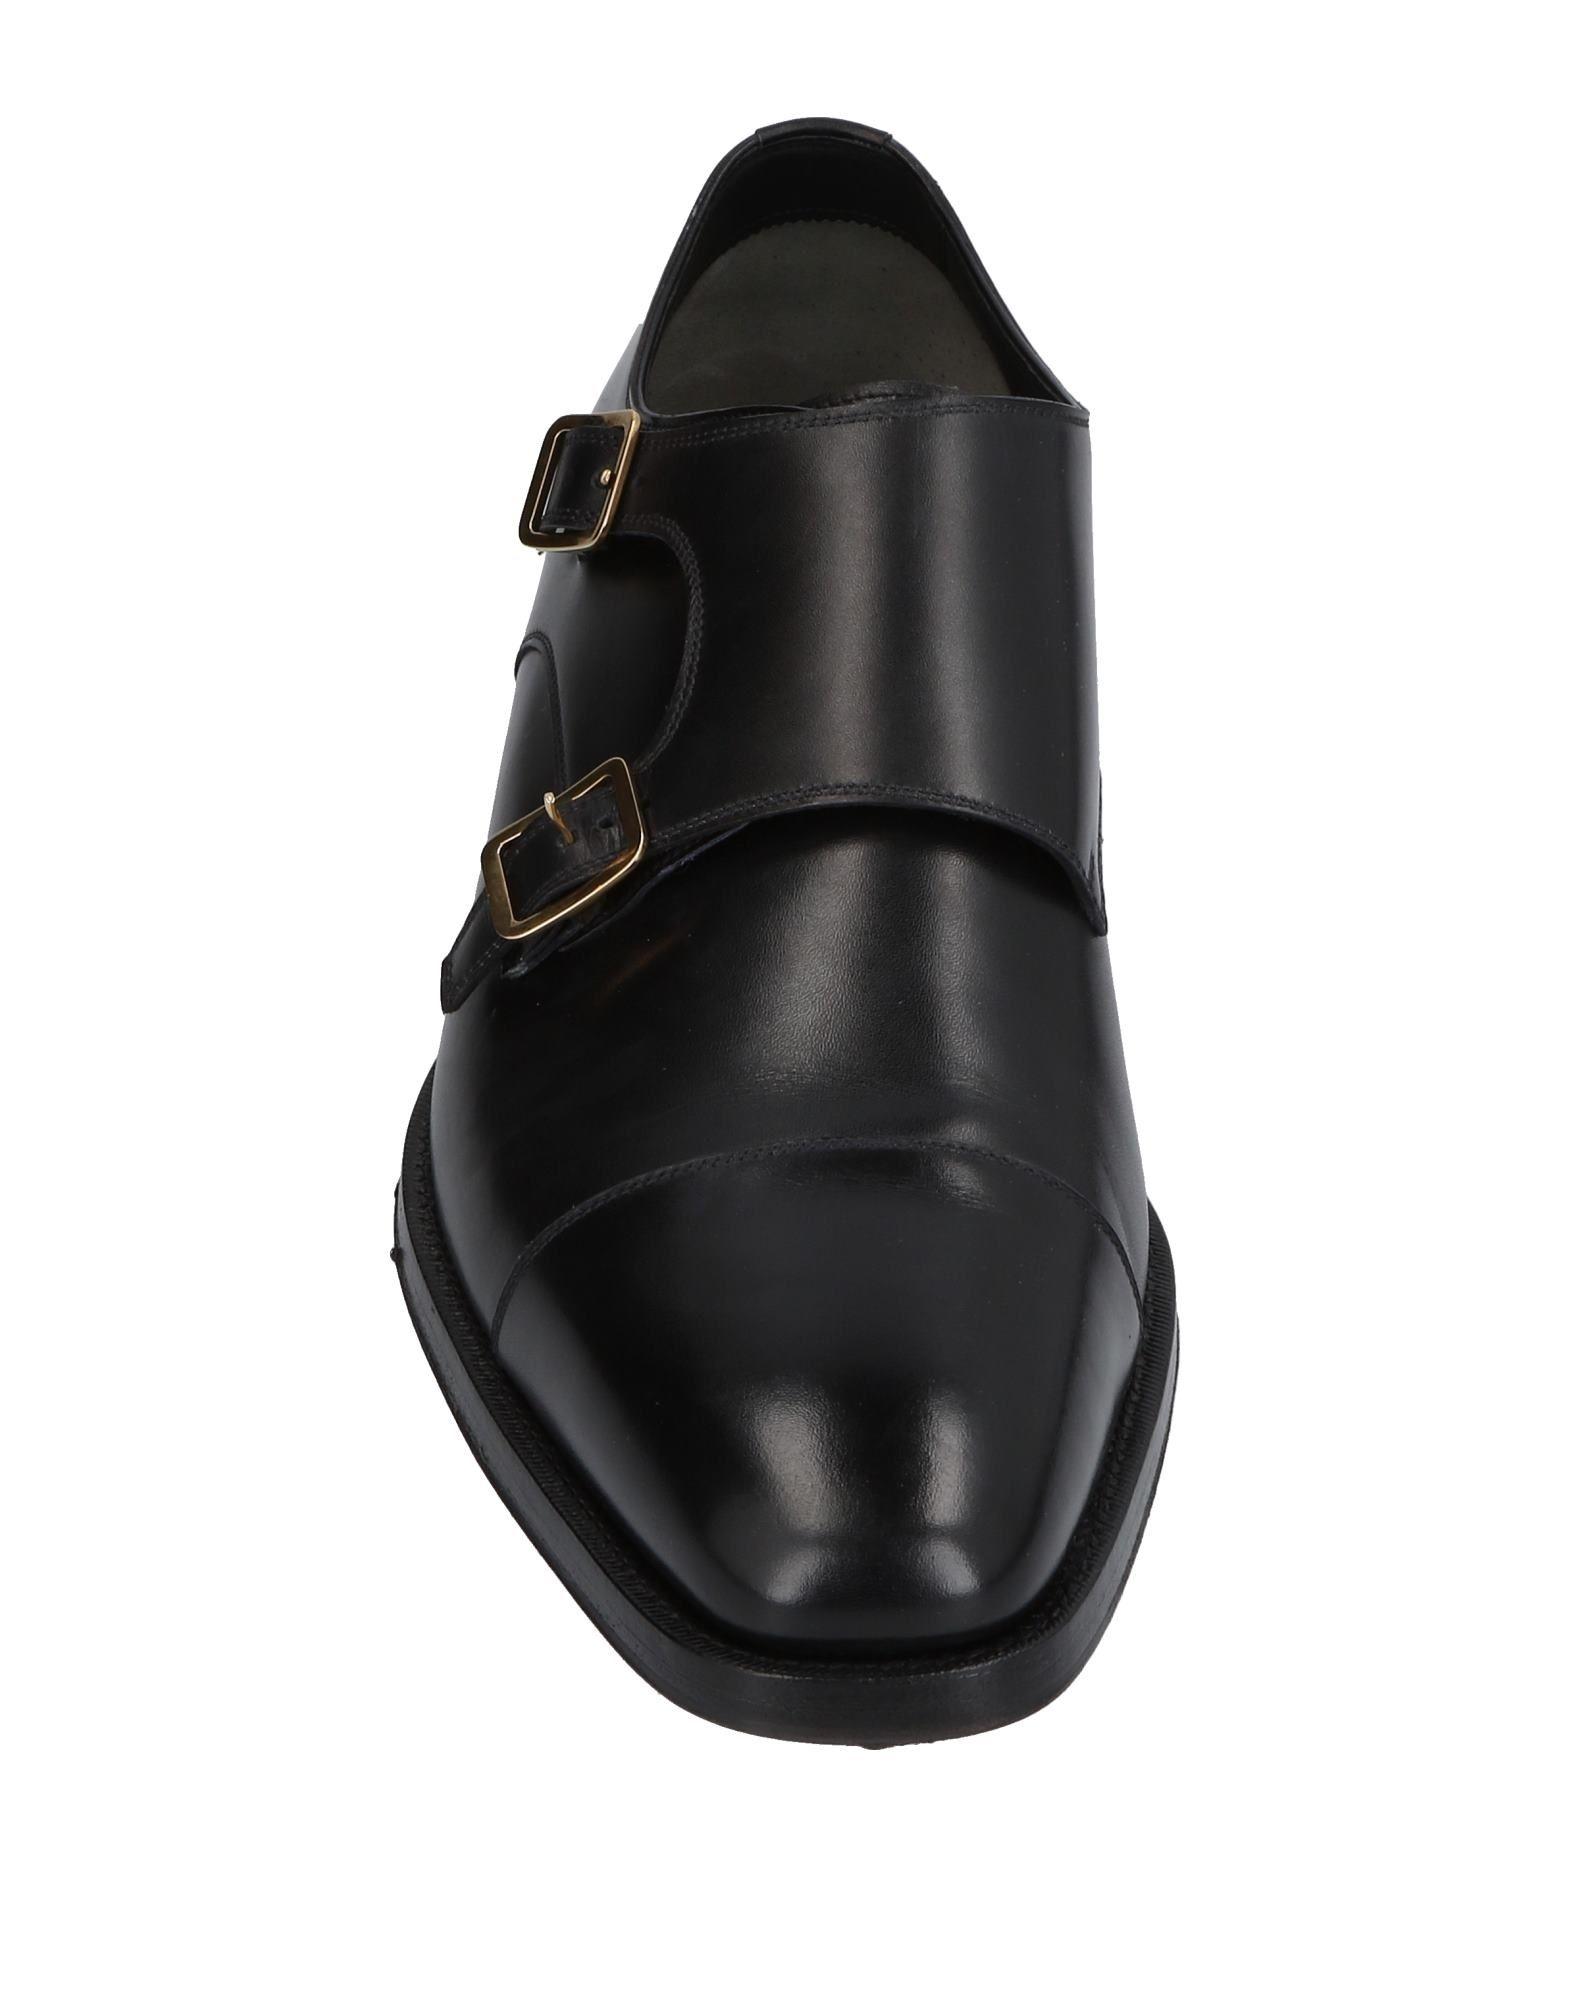 Tom Ford Mokassins Schuhe Herren  11449985LV Neue Schuhe Mokassins a7429a